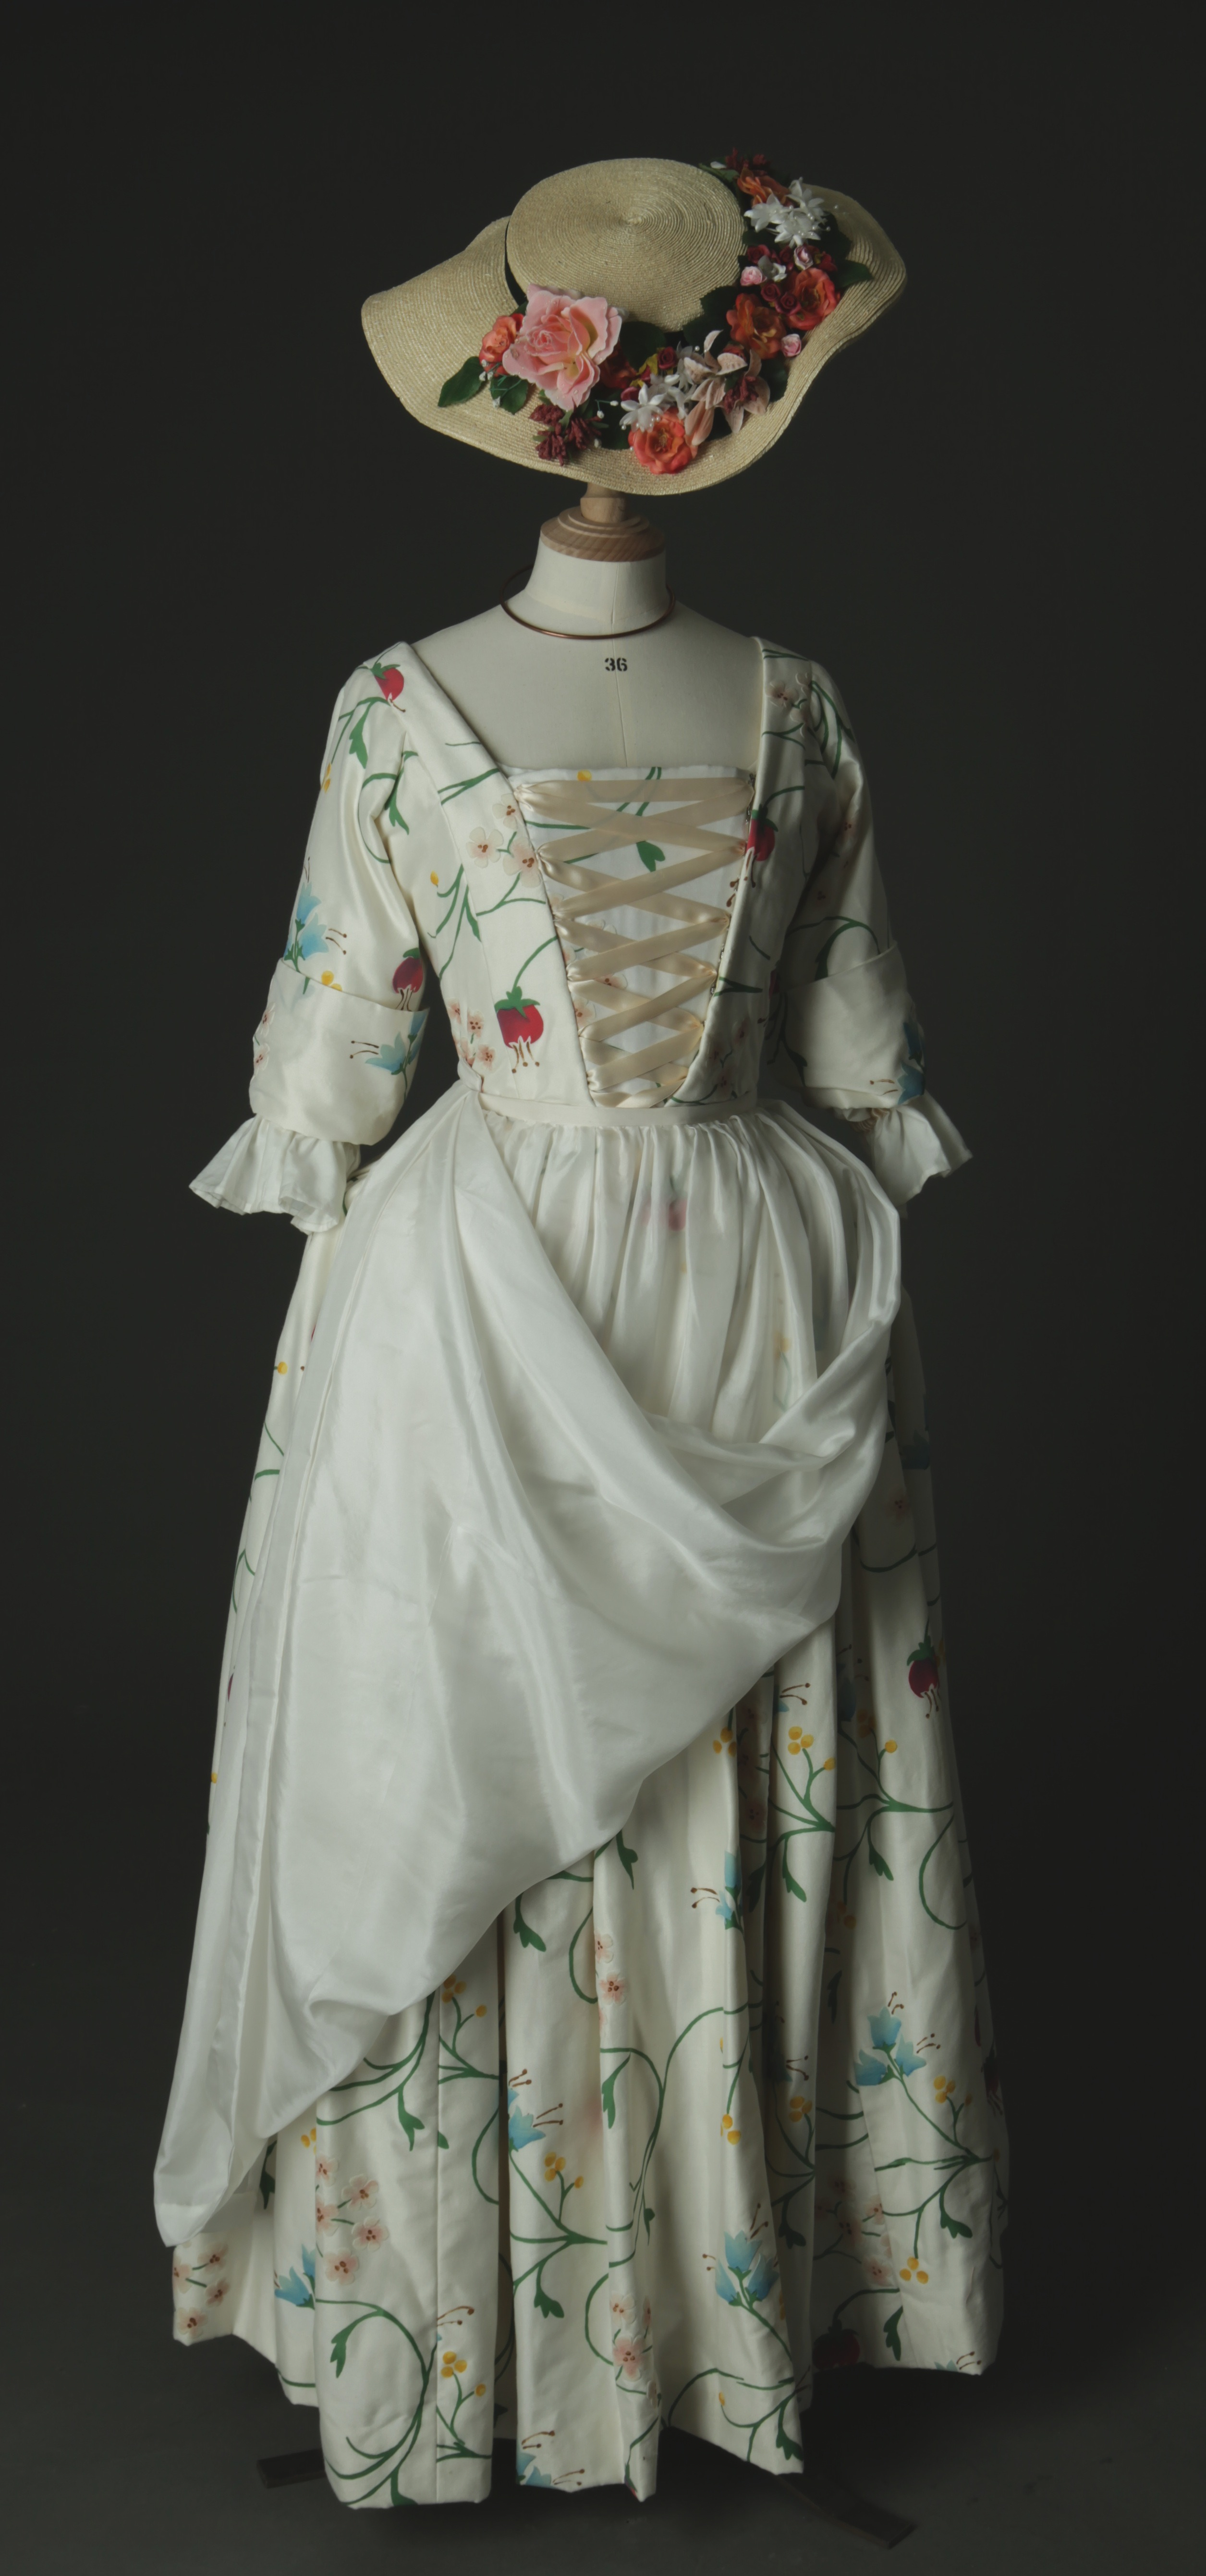 1700's Milkmaid